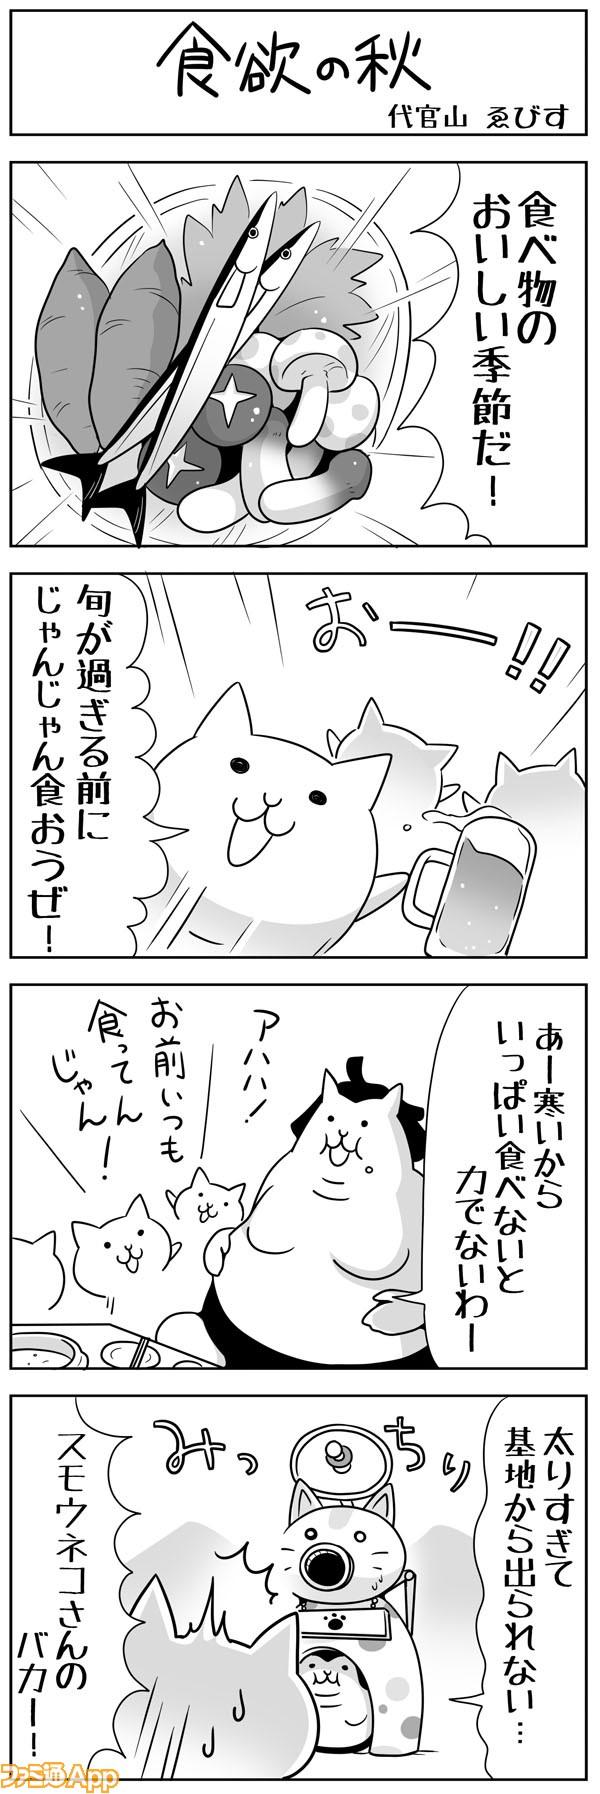 01daik_066